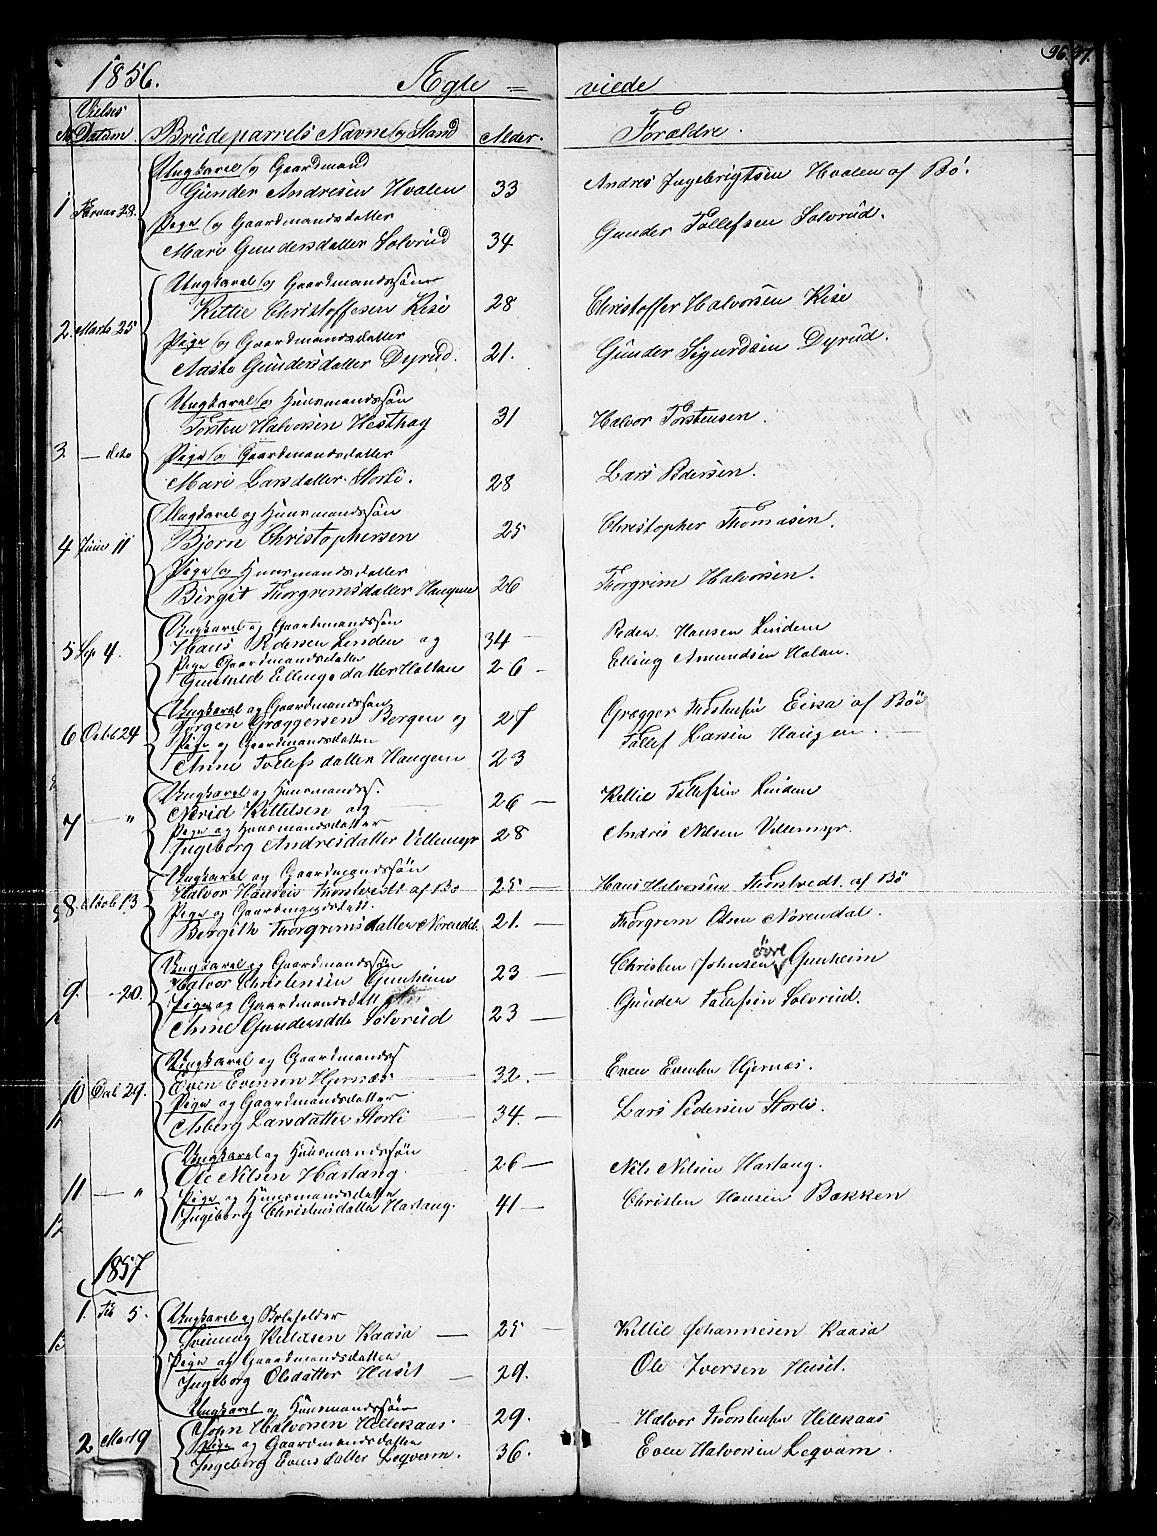 SAKO, Sauherad kirkebøker, G/Gb/L0001: Klokkerbok nr. II 1, 1845-1865, s. 96